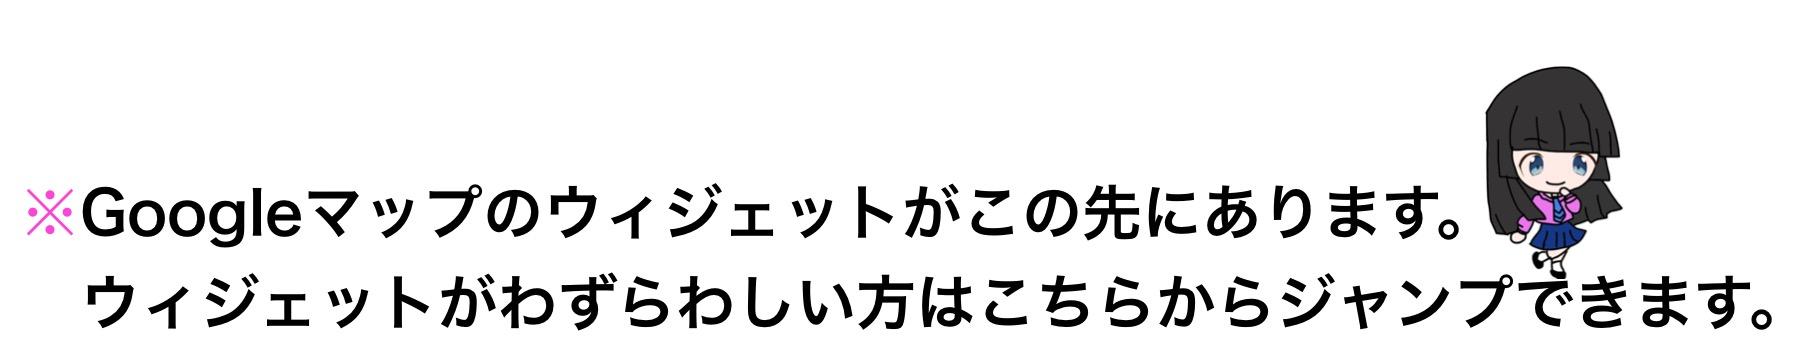 スクリーンショット 2016-08-04 21.37.20